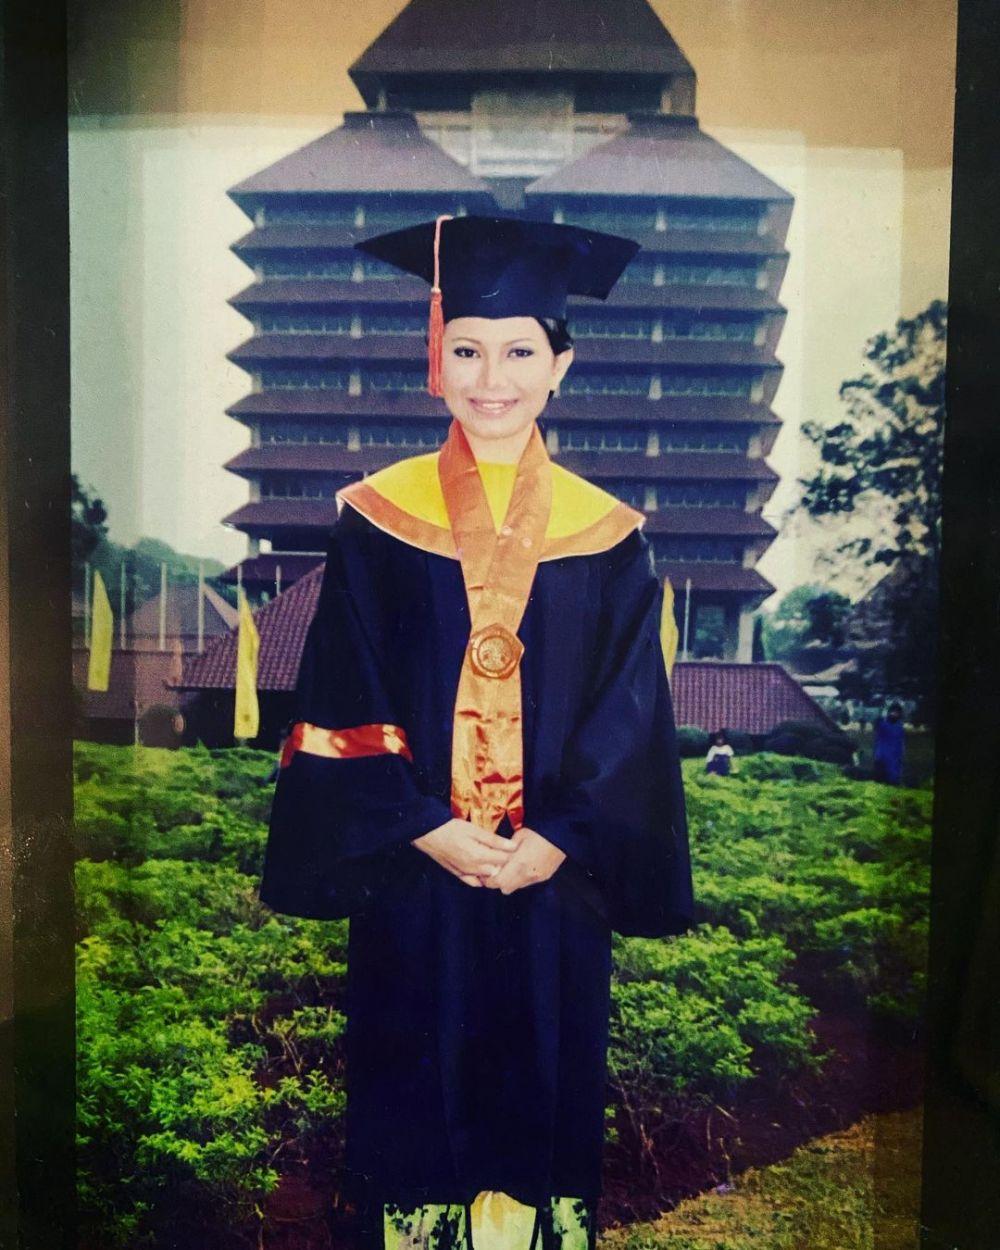 Potret lawas penyanyi saat masih kuliah Instagram